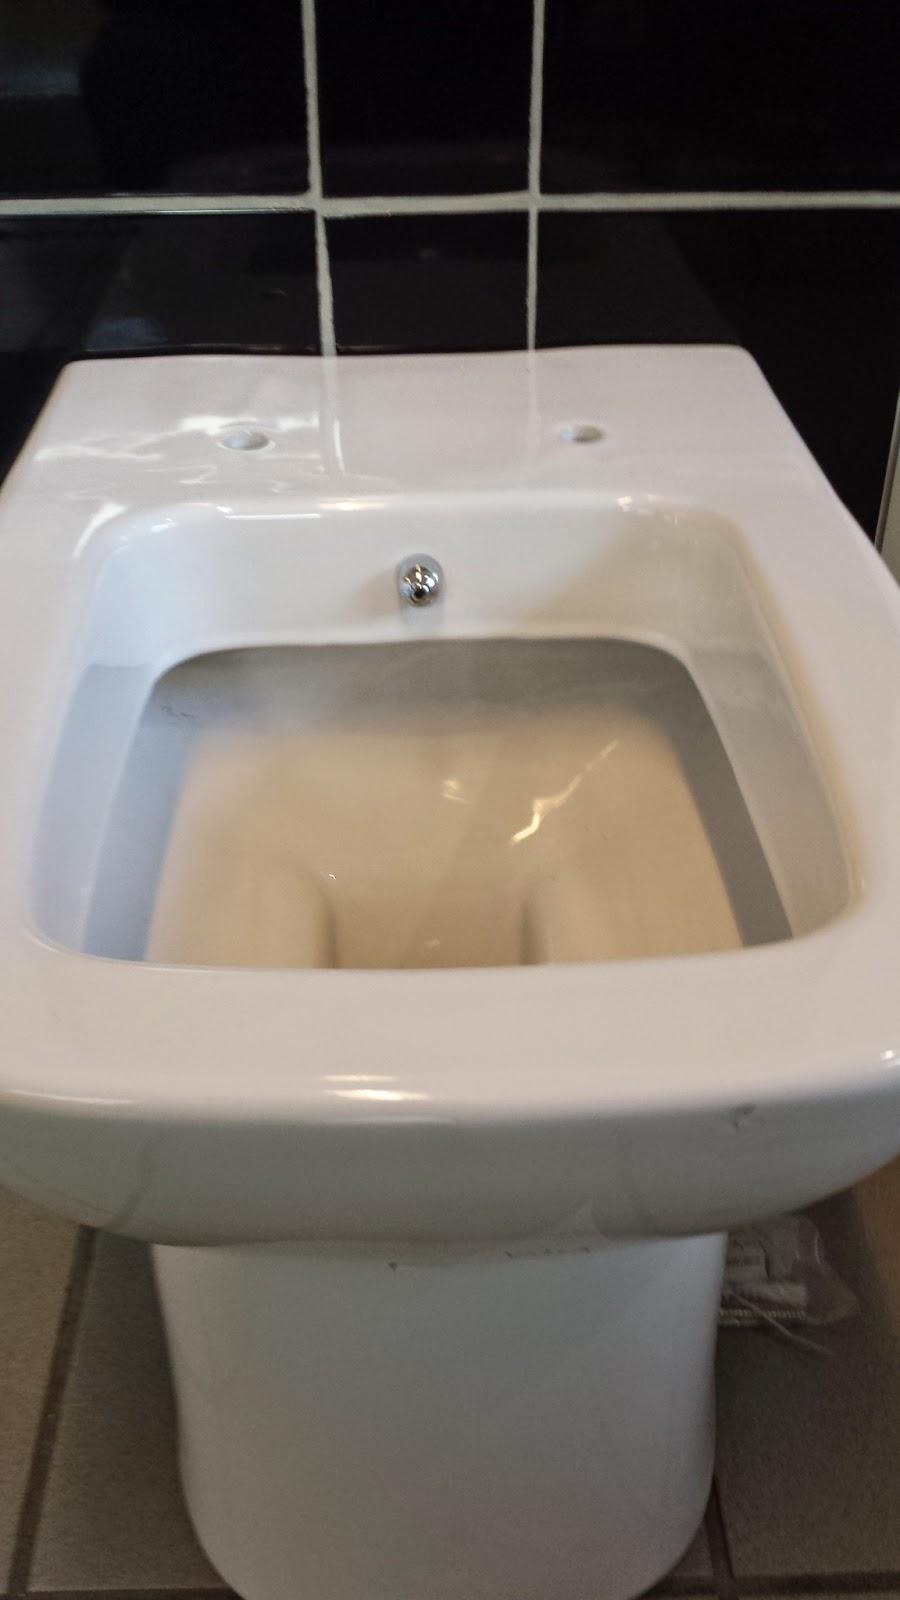 Alleinvertrieb in österreich und der eu ☆ toilette wc und bidet bd in einem sema wien hat es lagernd